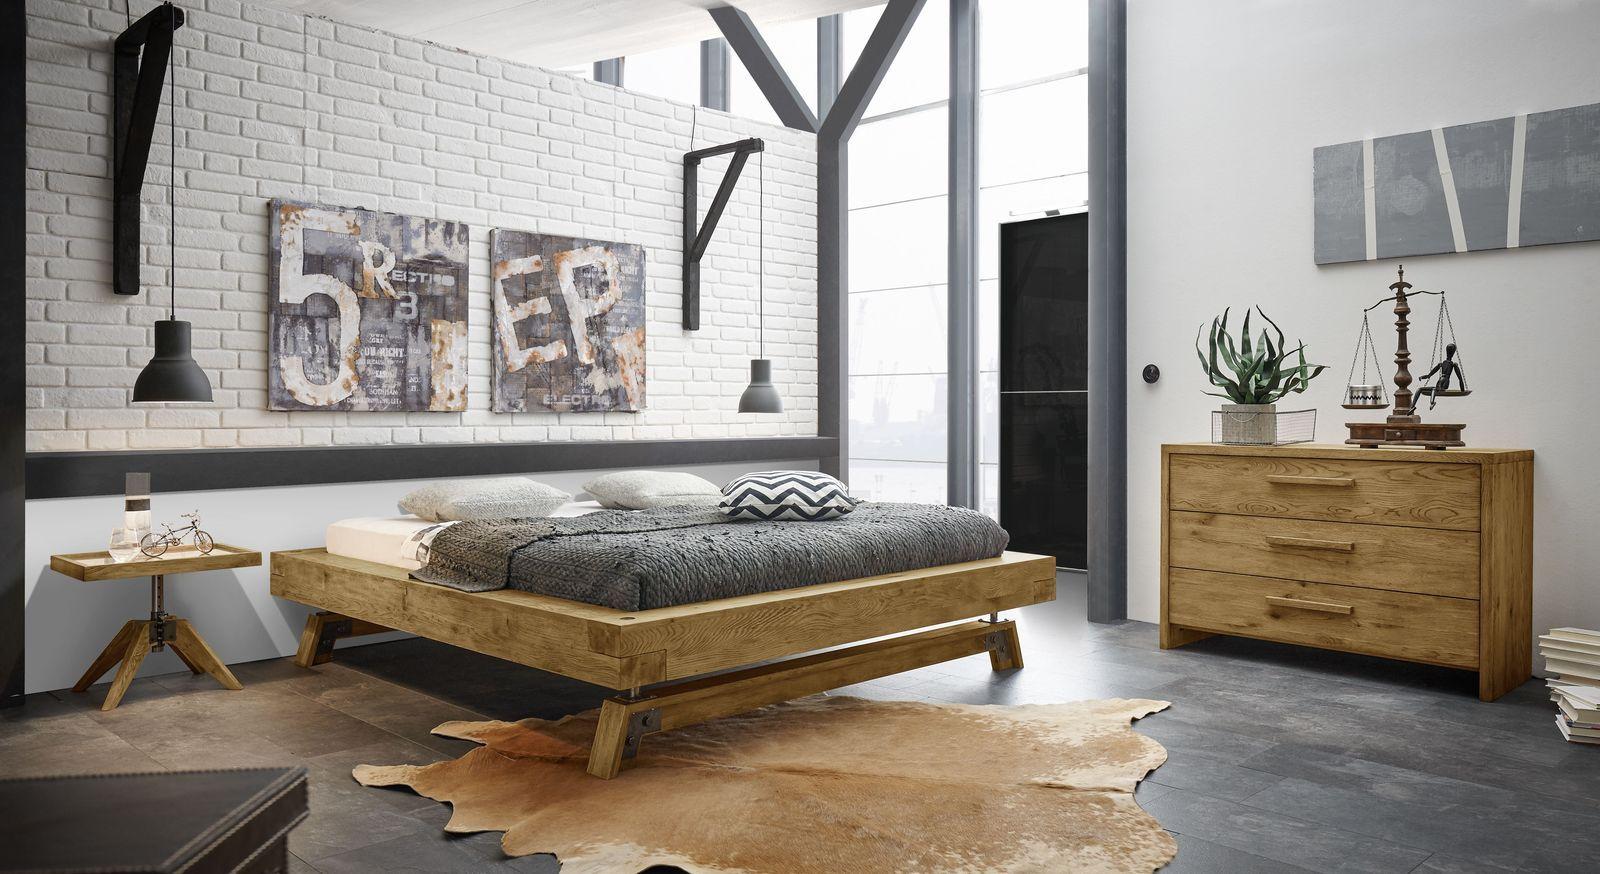 Echtholz Liege Wildeiche Im Industrial Style Used Look Valdivia In 2020 Vintage Bett Zimmer Bett Modern